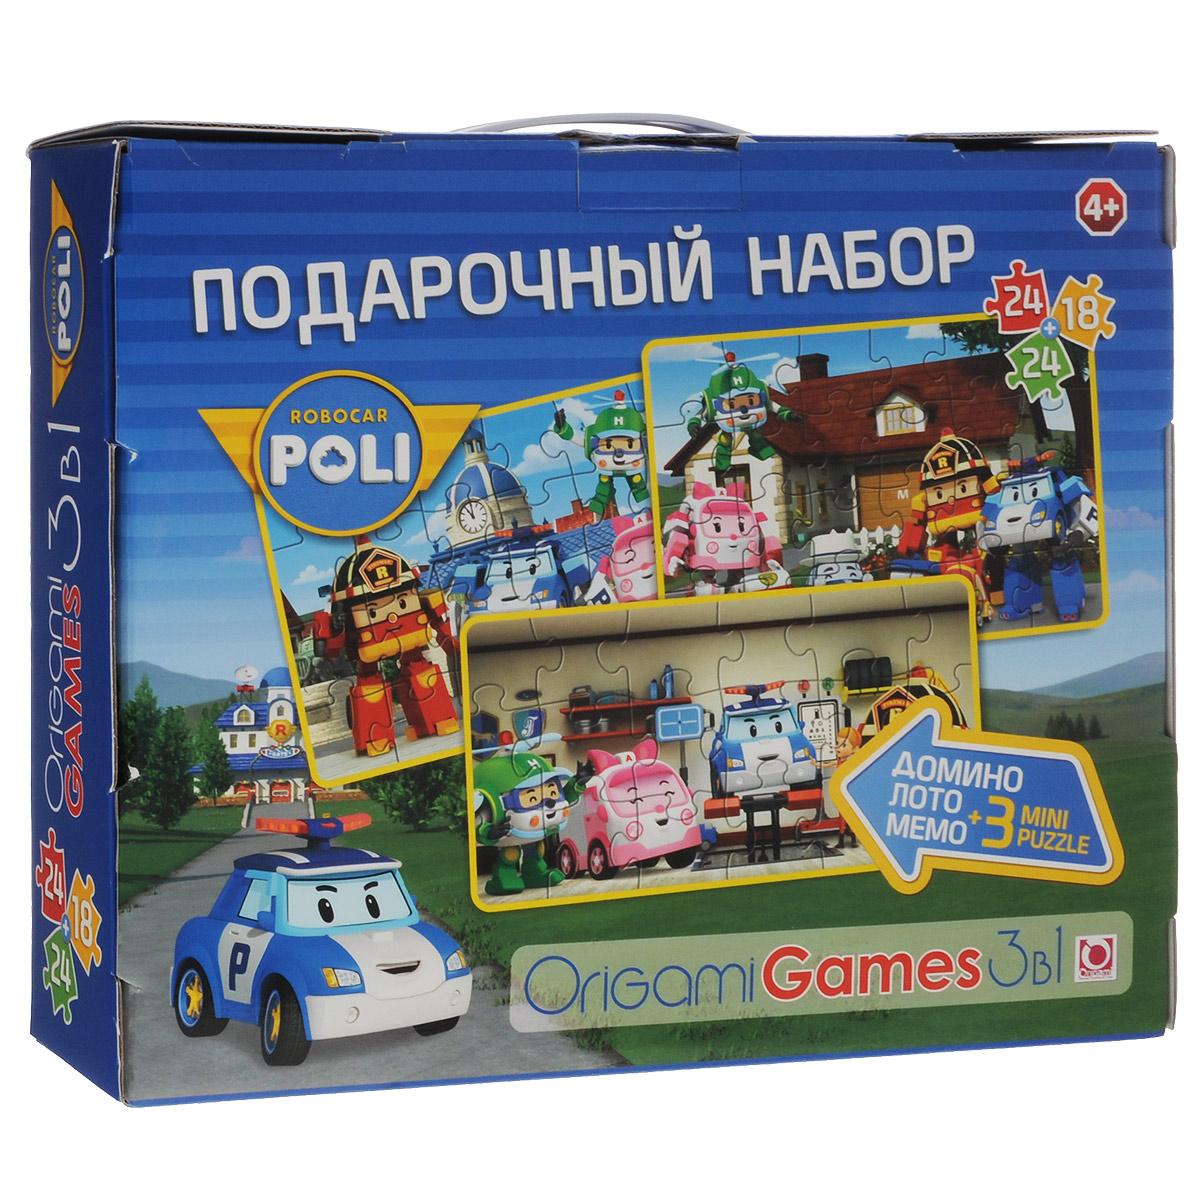 Подарочный набор настольных игр Robocar Poli, 3 в 1: лото, домино, мемо00636Набор настольных игр Robocar Poli содержит 3 игры (лото, домино и мемори), а также 3 мини-пазла (18 элементов и 2х24 элемента). Элементы игр и пазлы оформлены изображениями персонажей одноименного мультсериала. В мультсериале Робокар Поли и его друзья есть 4 основных персонажа. Это роботы-спасатели - 3 машины и 1 вертолет. Большую часть времени они находятся в привычном для людей состоянии, но в случае беды или когда кому-то нужна помощь, они трансформируются в роботов. Для лото вам понадобятся 6 карт лото и 30 карточек с картинками. Каждому участнику выдается большая карта с пятью картинками, каждую из которых надо закрыть карточкой. Игроки по очереди переворачивают карточки, и если находят подходящую, забирают ее себе и выкладывают лицом вверх на такую же картинку на своей карте. Выигрывает тот, кто первым заполнит карточками свою карту. Домино содержит 28 фишек. Положите все карточки на стол картинкой вниз и перемешайте. Определите, кто будет...